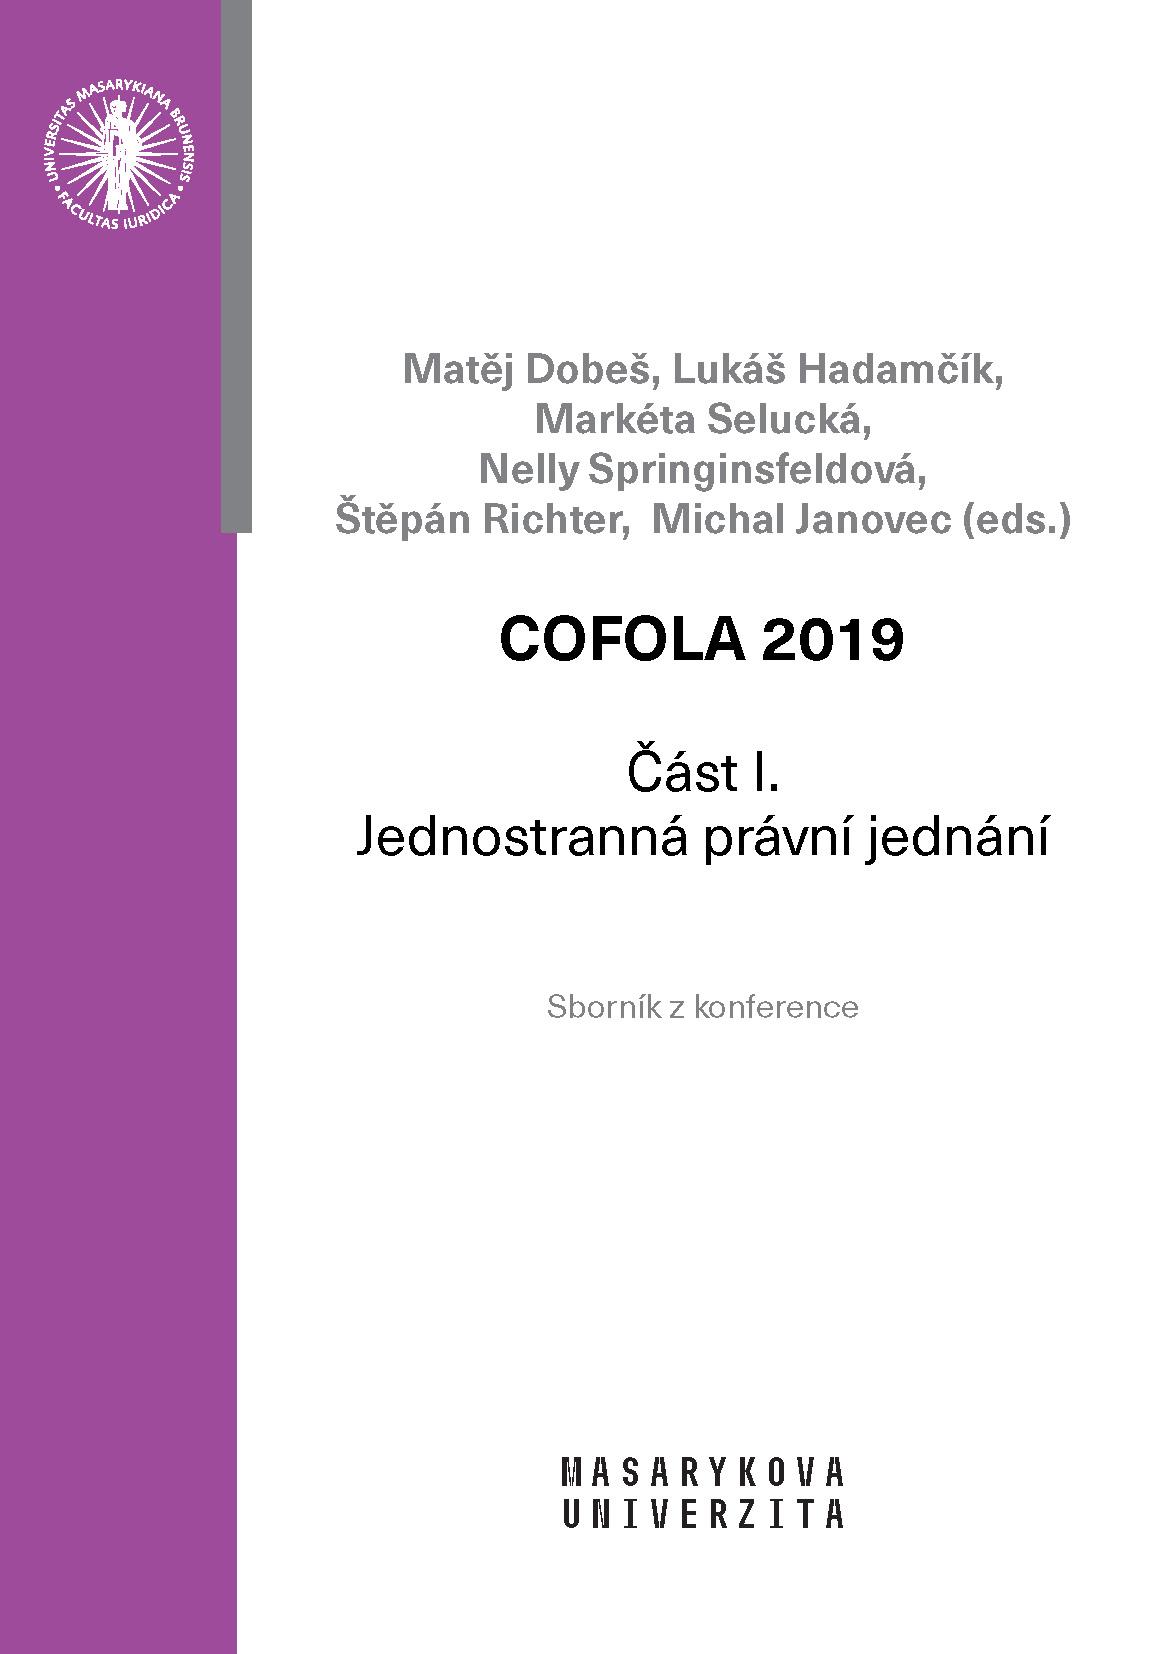 Obálka pro COFOLA 2019. Část I. – Jednostranná právní jednání